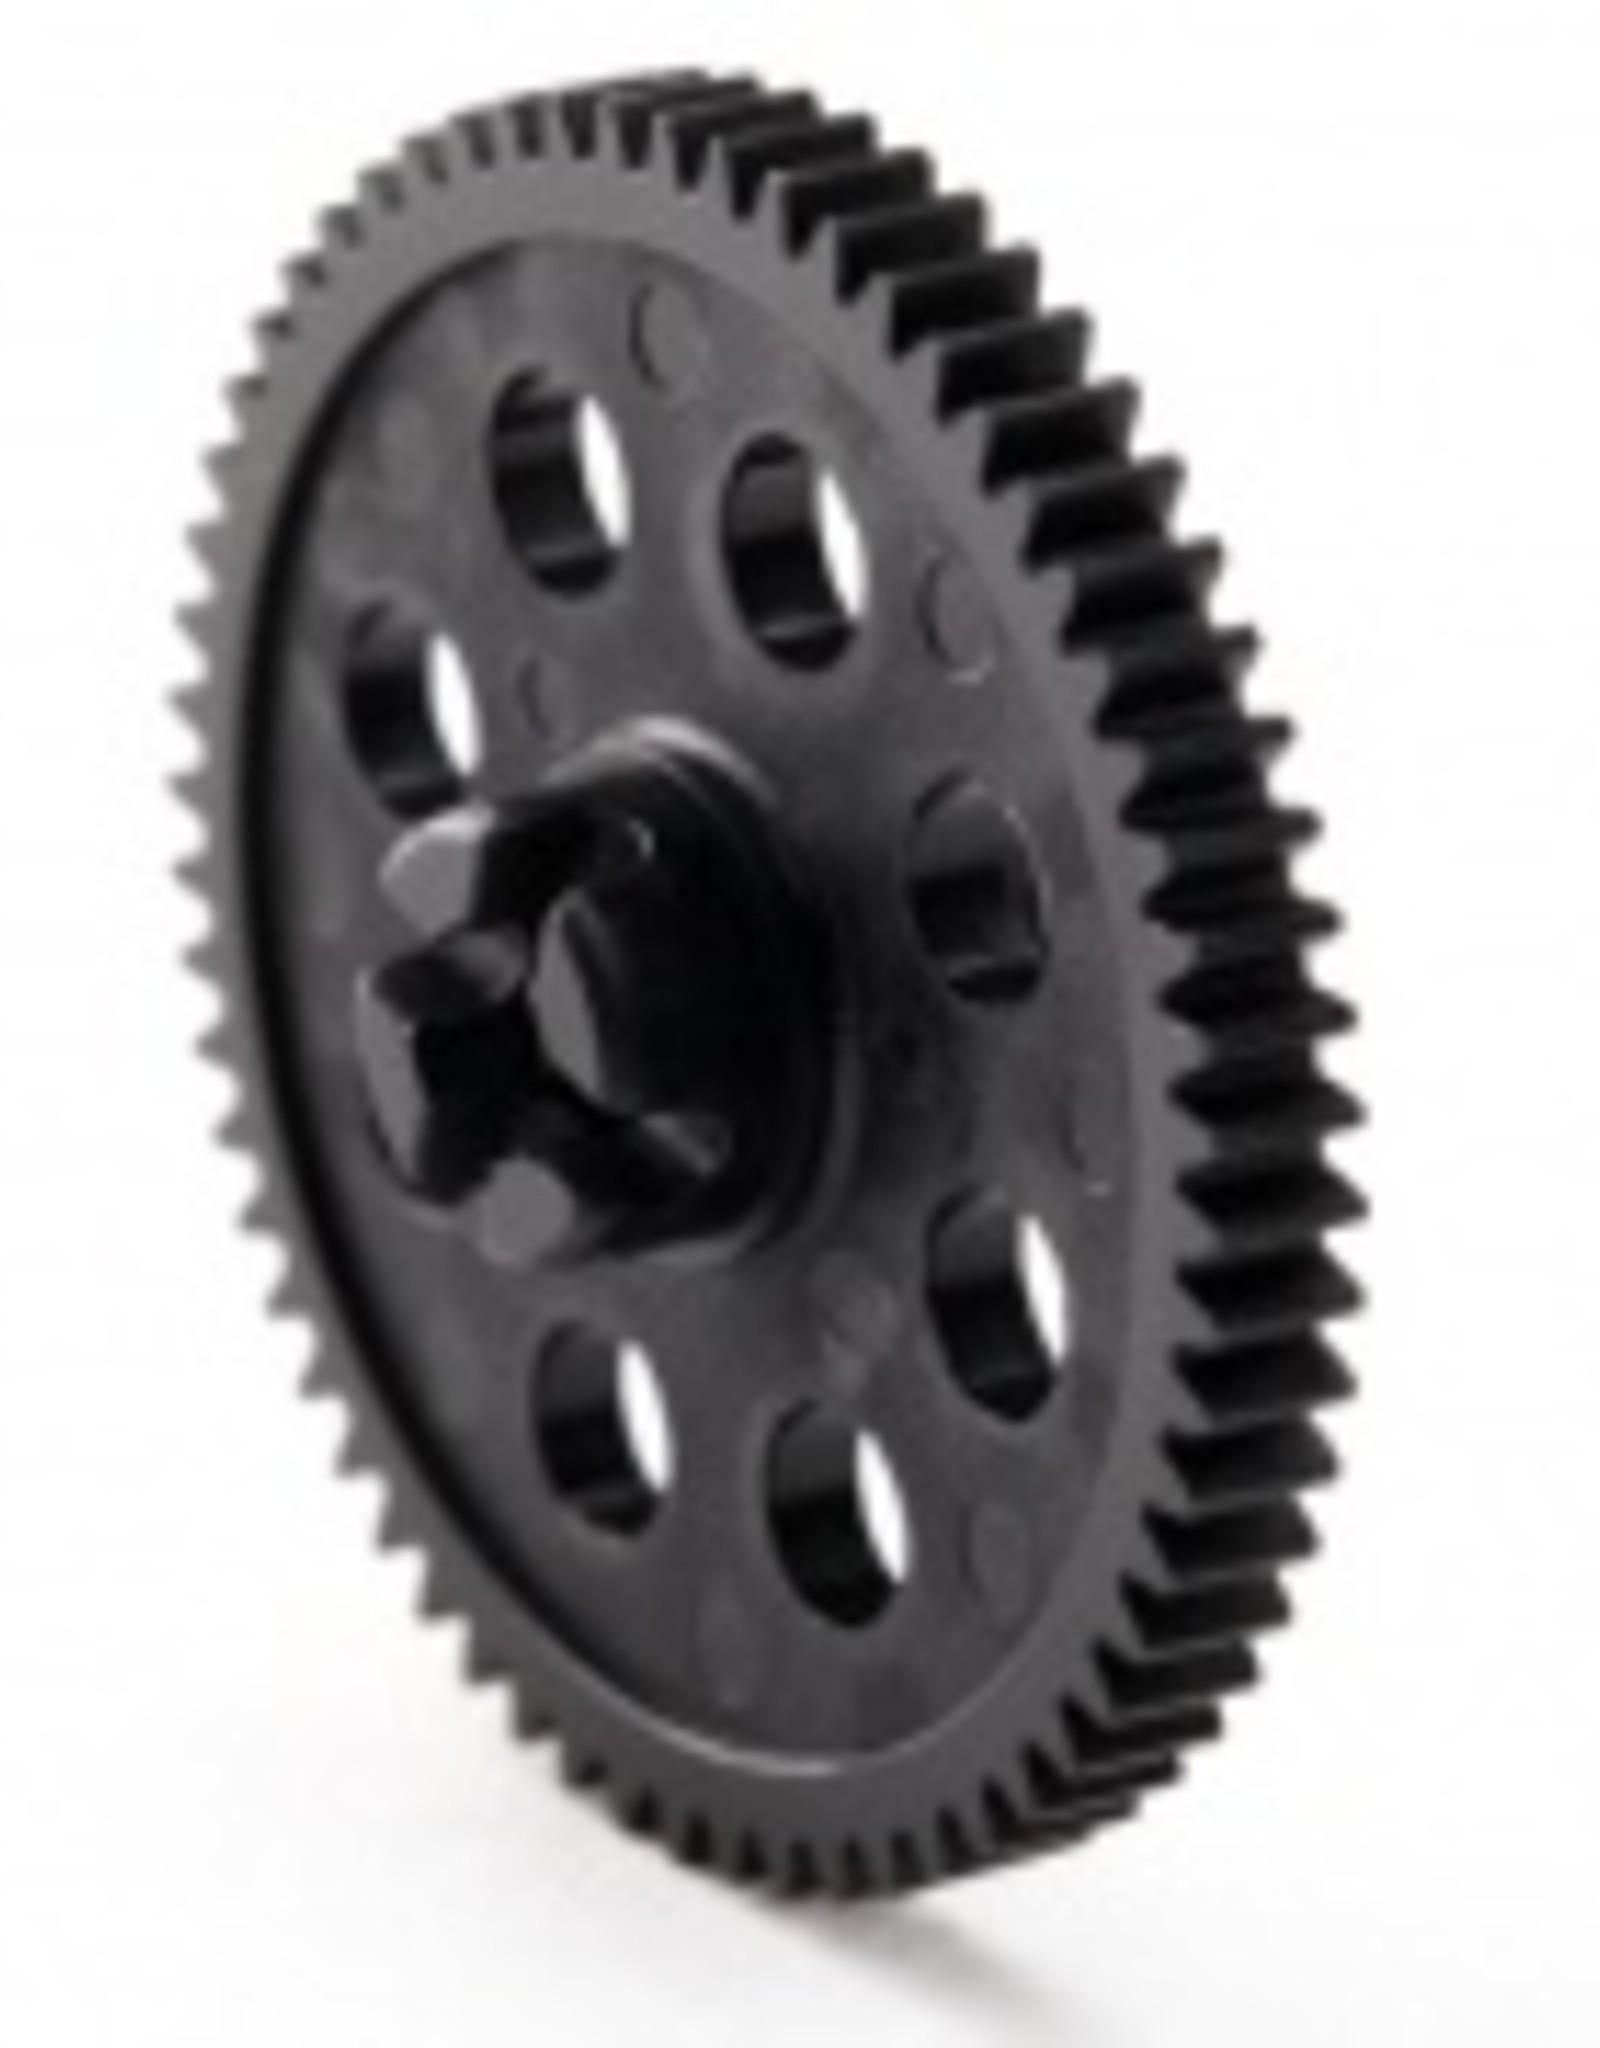 Traxxas LaTrax Teton Spur gear, 60-tooth